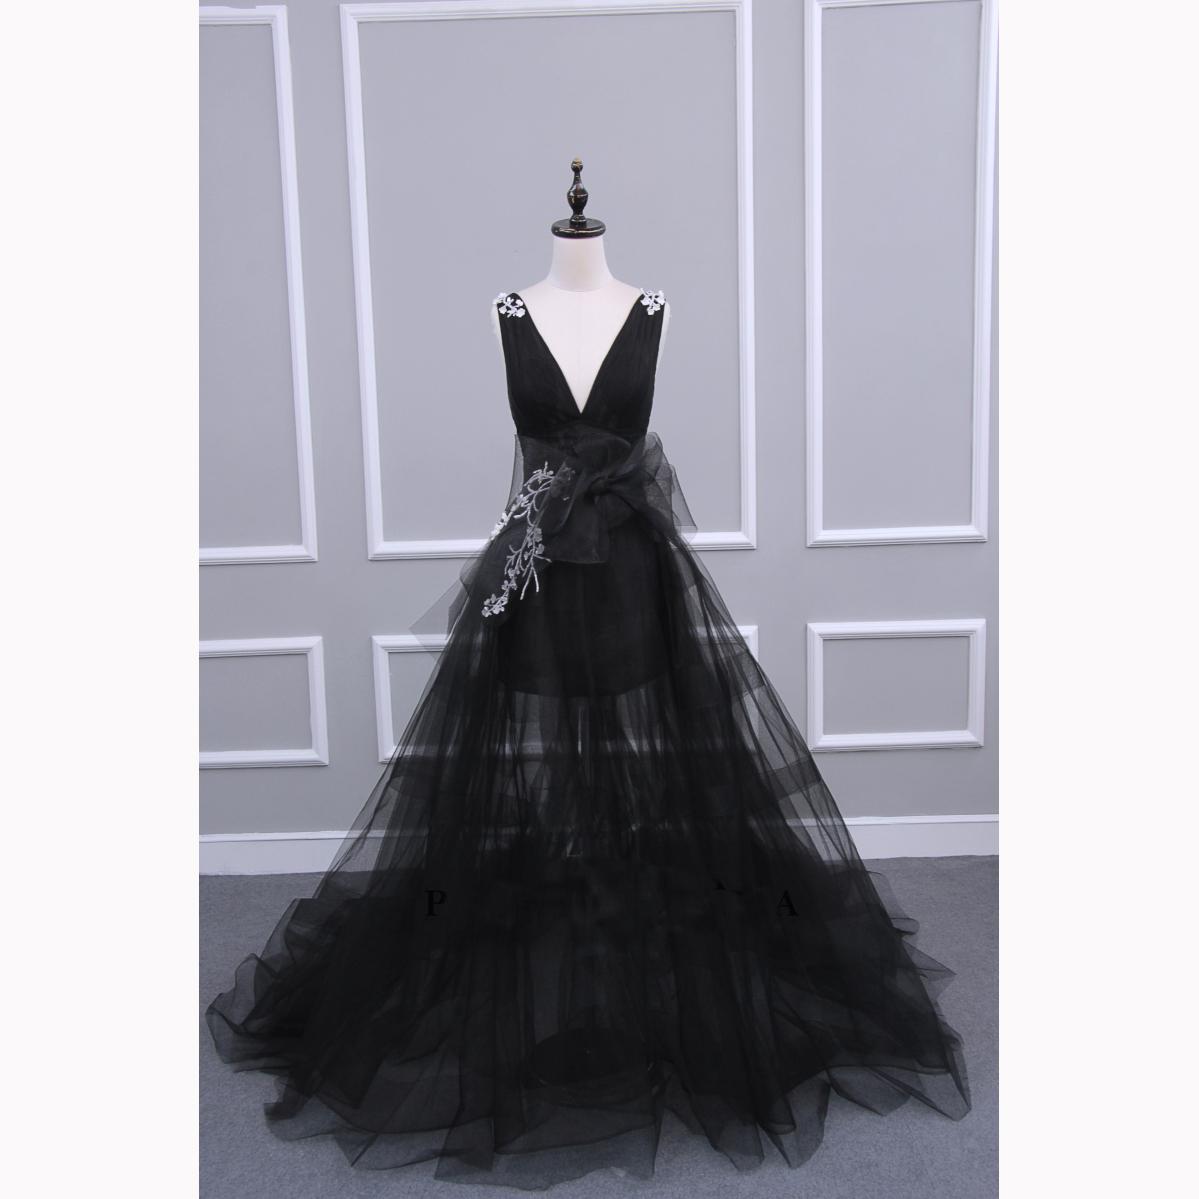 上海perimoda婚纱高级定制2018年新款黑色轻薄礼服海外三亚旅拍